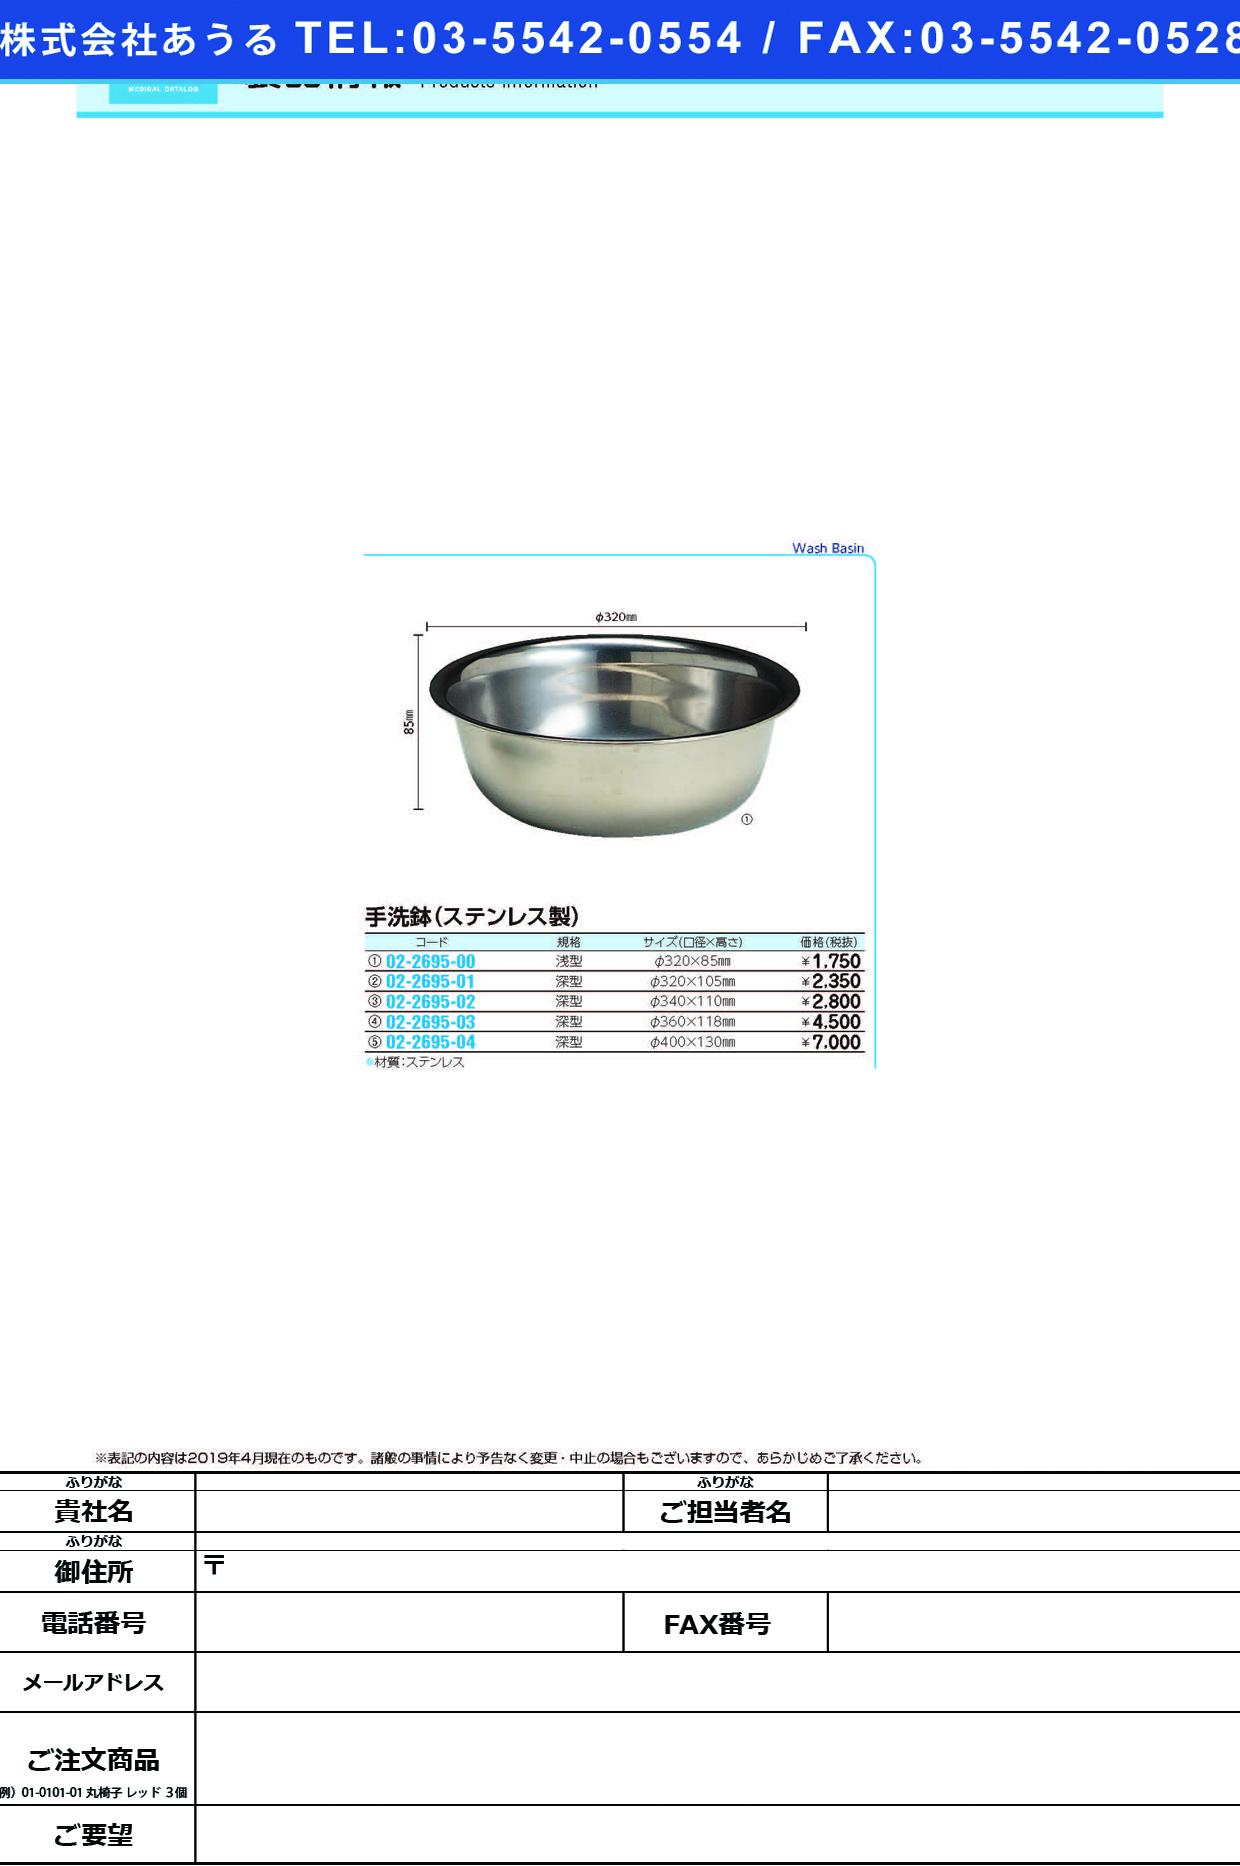 (02-2695-01)手洗鉢(ステンレス製)深型 32CM テアライバチ(ステンレス)フカガタ【1枚単位】【2019年カタログ商品】